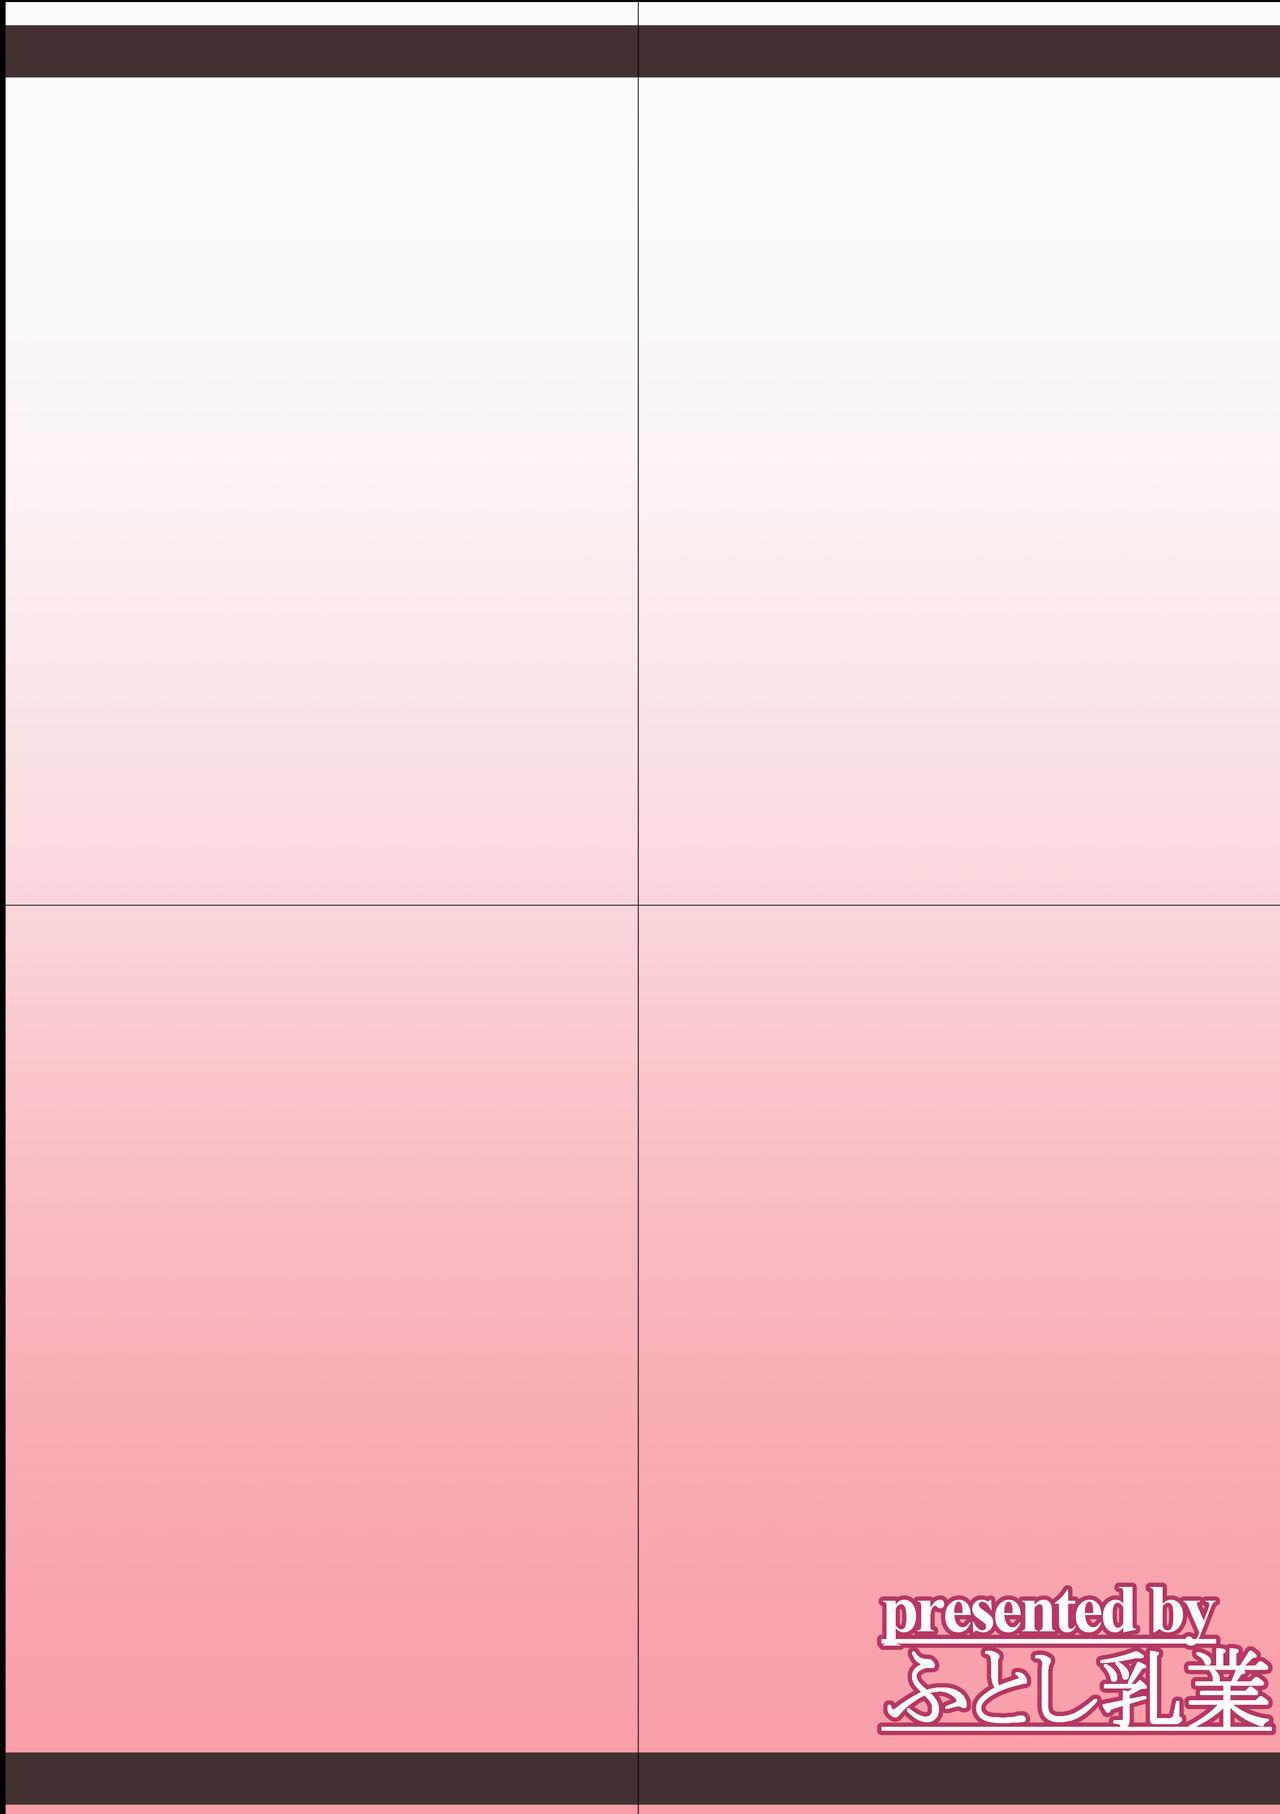 [Hutoshi Nyuugyou (Hutoshi)] Alicia-mama to Himitsu no Seikatsu | Alicia-mama's Hidden Life (Granblue Fantasy) [Digital] [English] [Darg777] 15